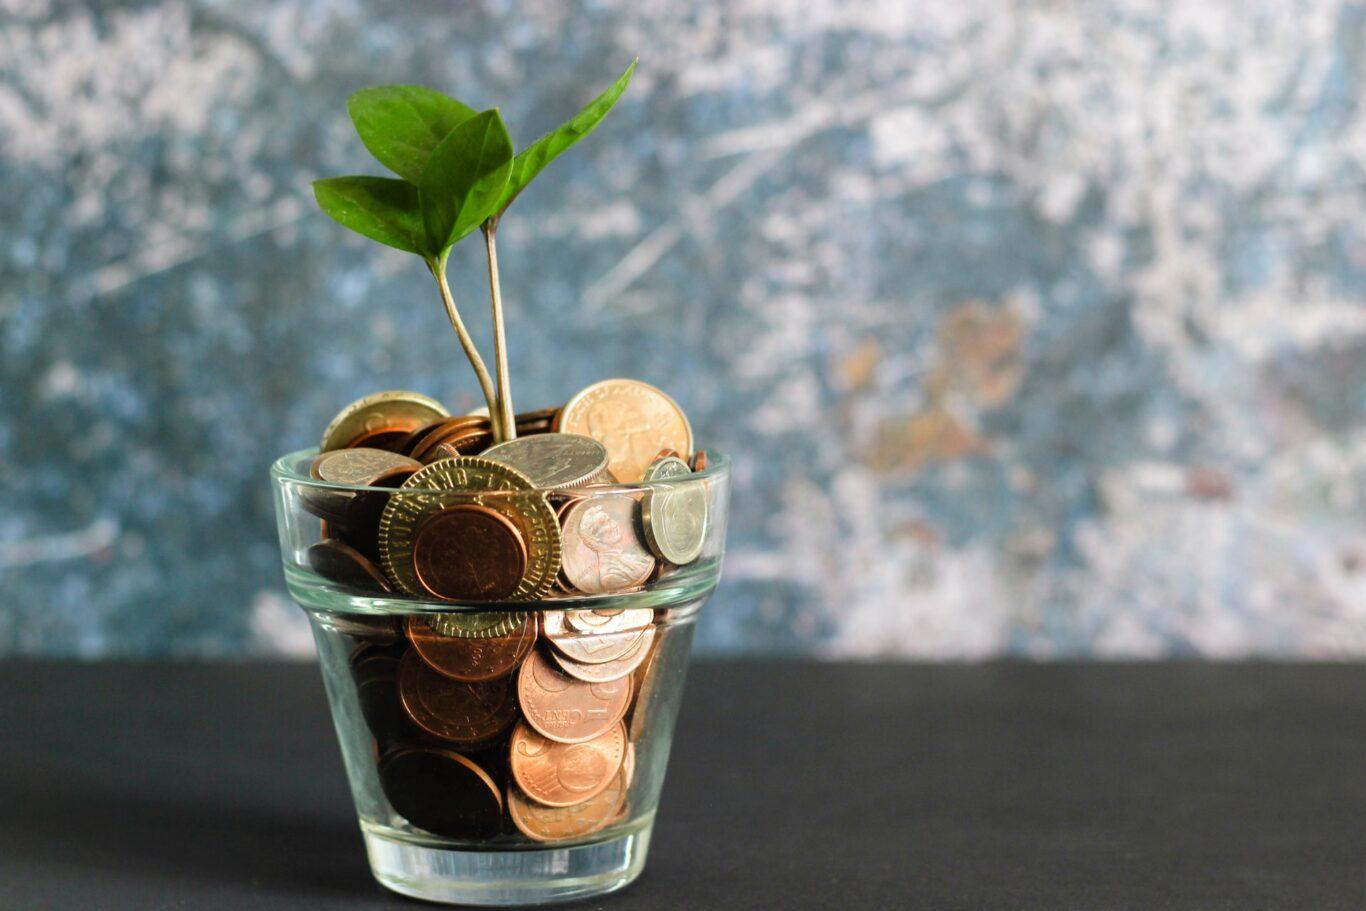 λεφτά μετά το γάμο